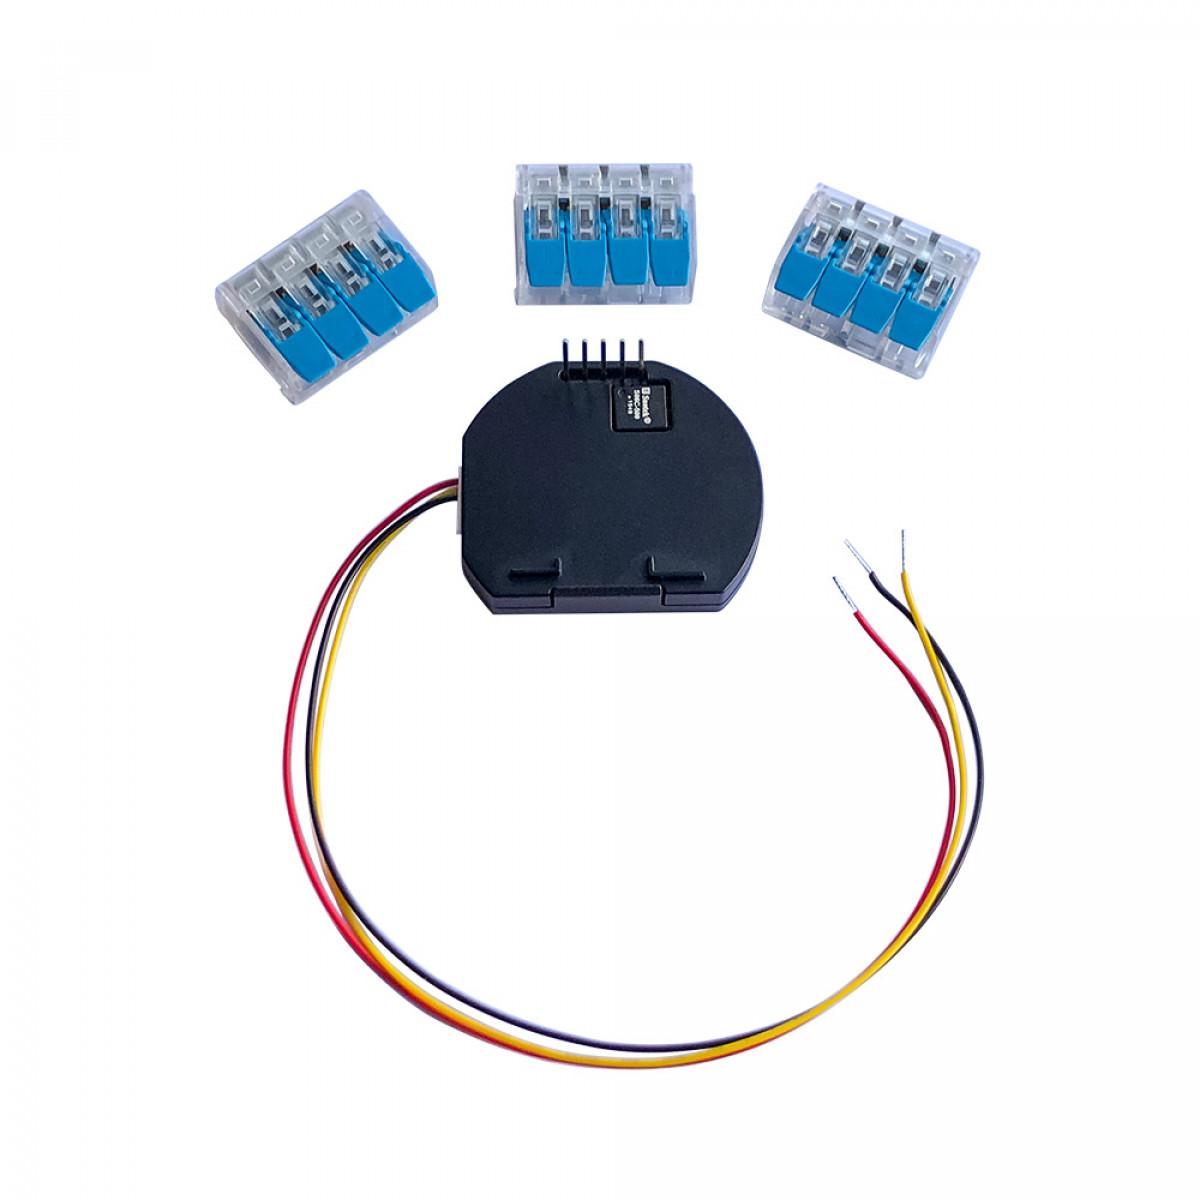 Shelly Temperatur Sensor - Addon für SHELLY 1 / SHELLY 1PM für bis zu 3 Sensoren